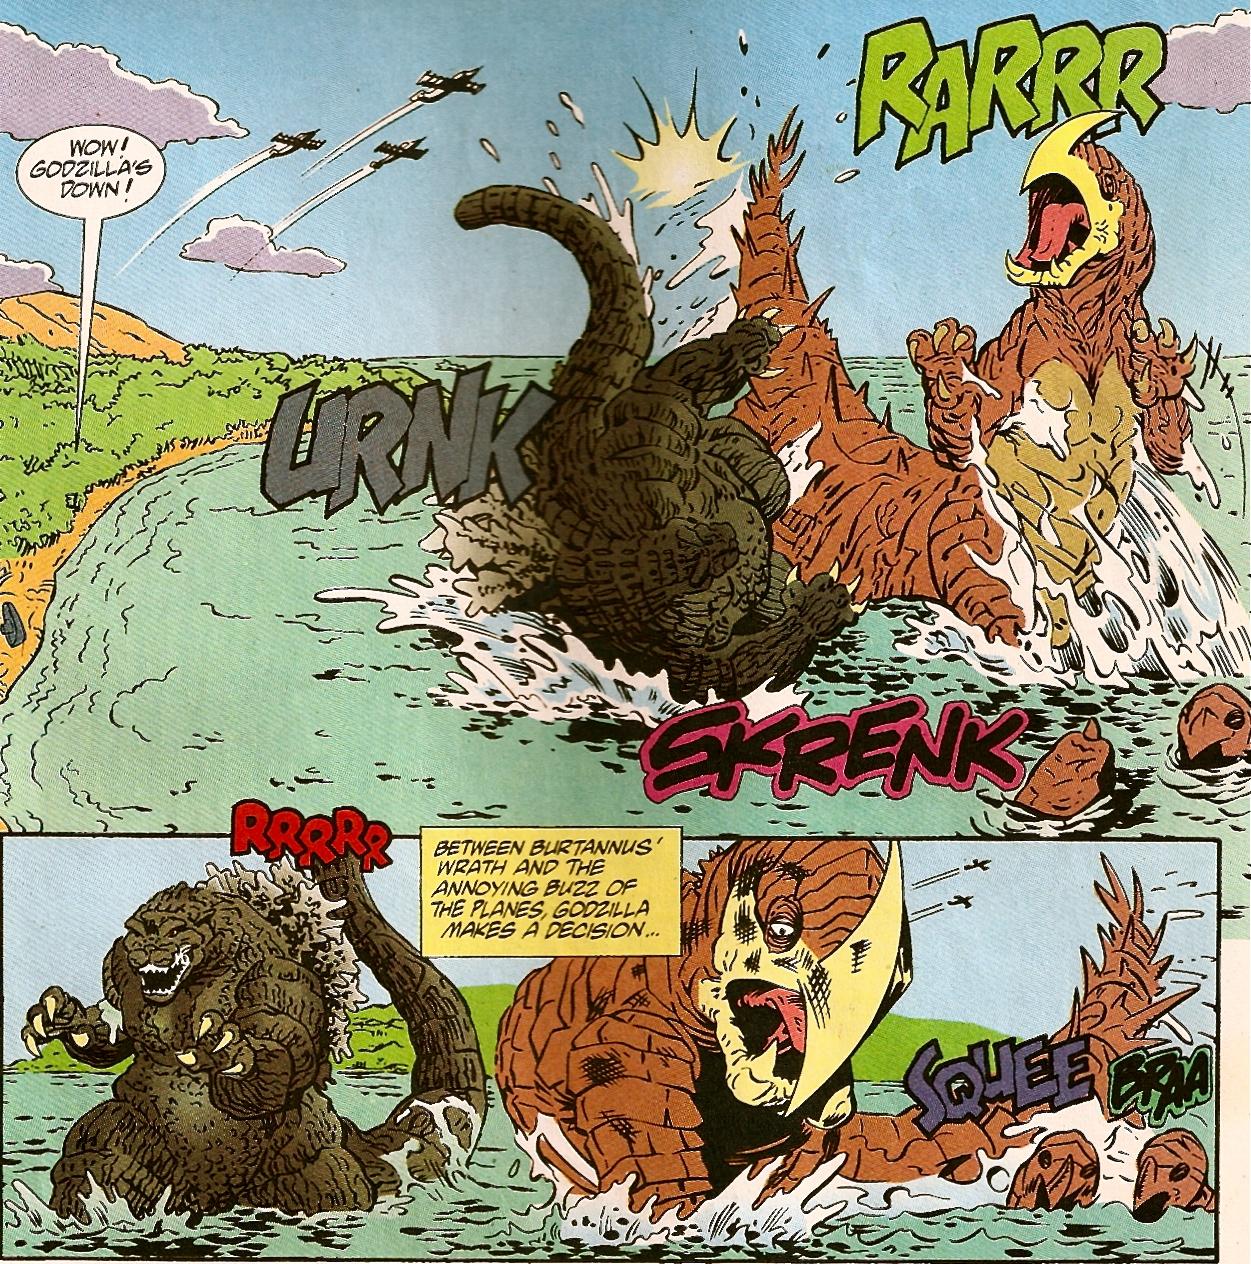 Image - Burtannus Vs Godzilla.jpg